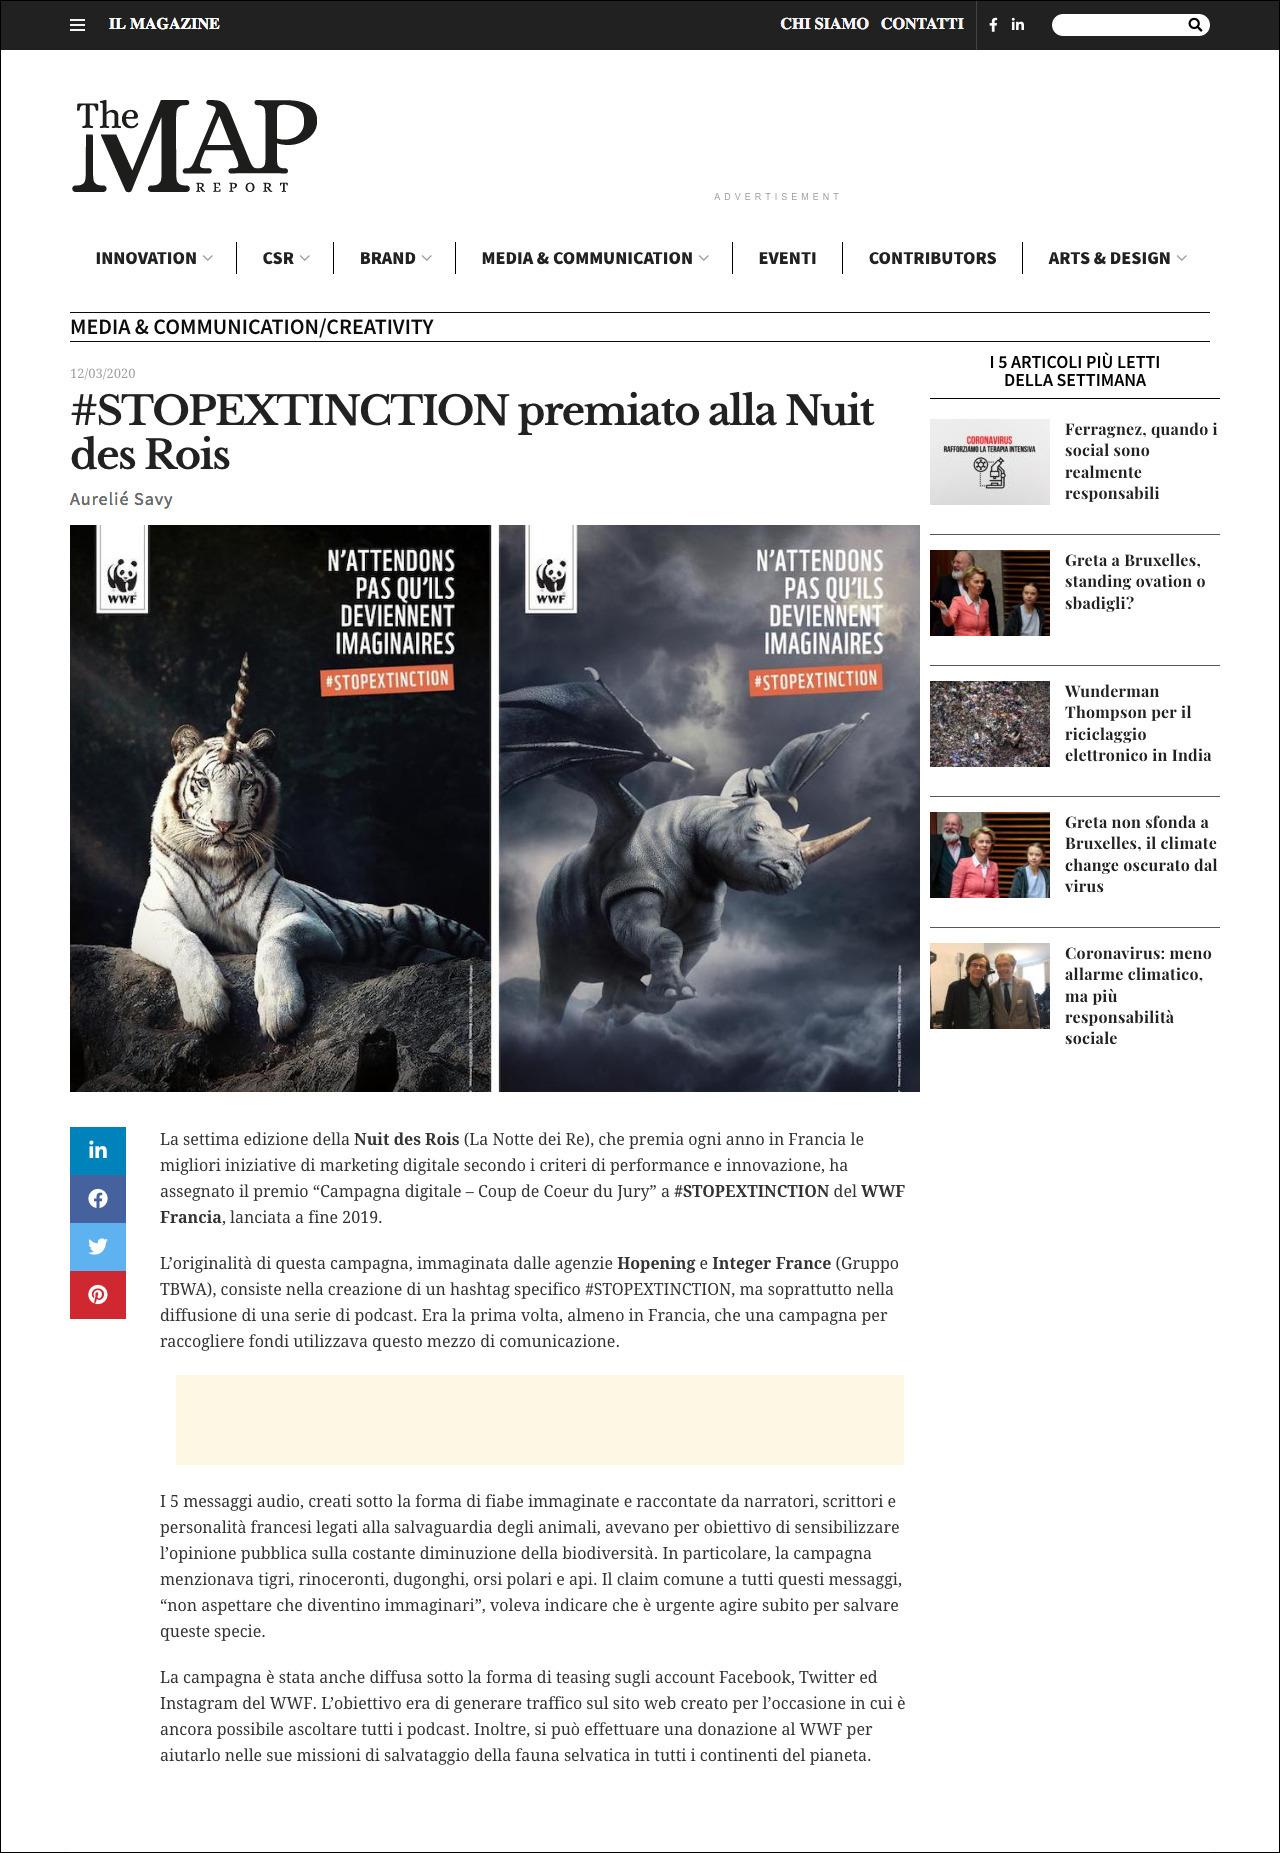 Aurélie Savy per THE MAP REPORT: #STOPEXTINCTION premiato alla Nuit des Rois